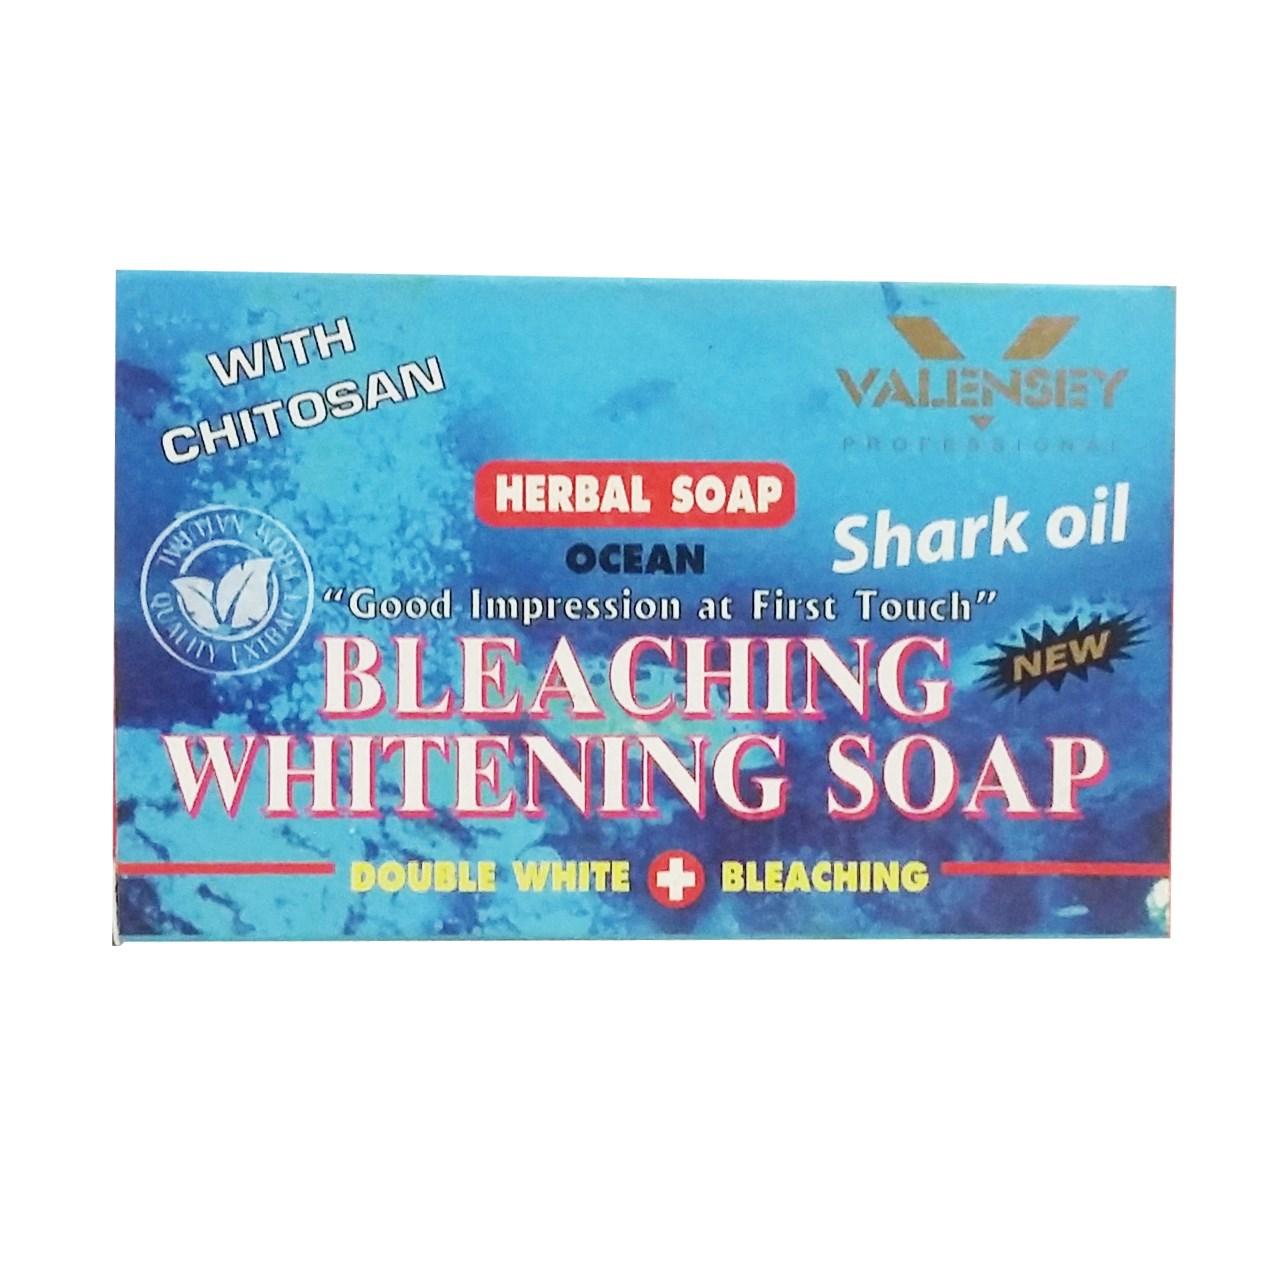 قیمت صابون روشن کننده والنسی حاوی  روغن کوسه مقدار 70 گرم